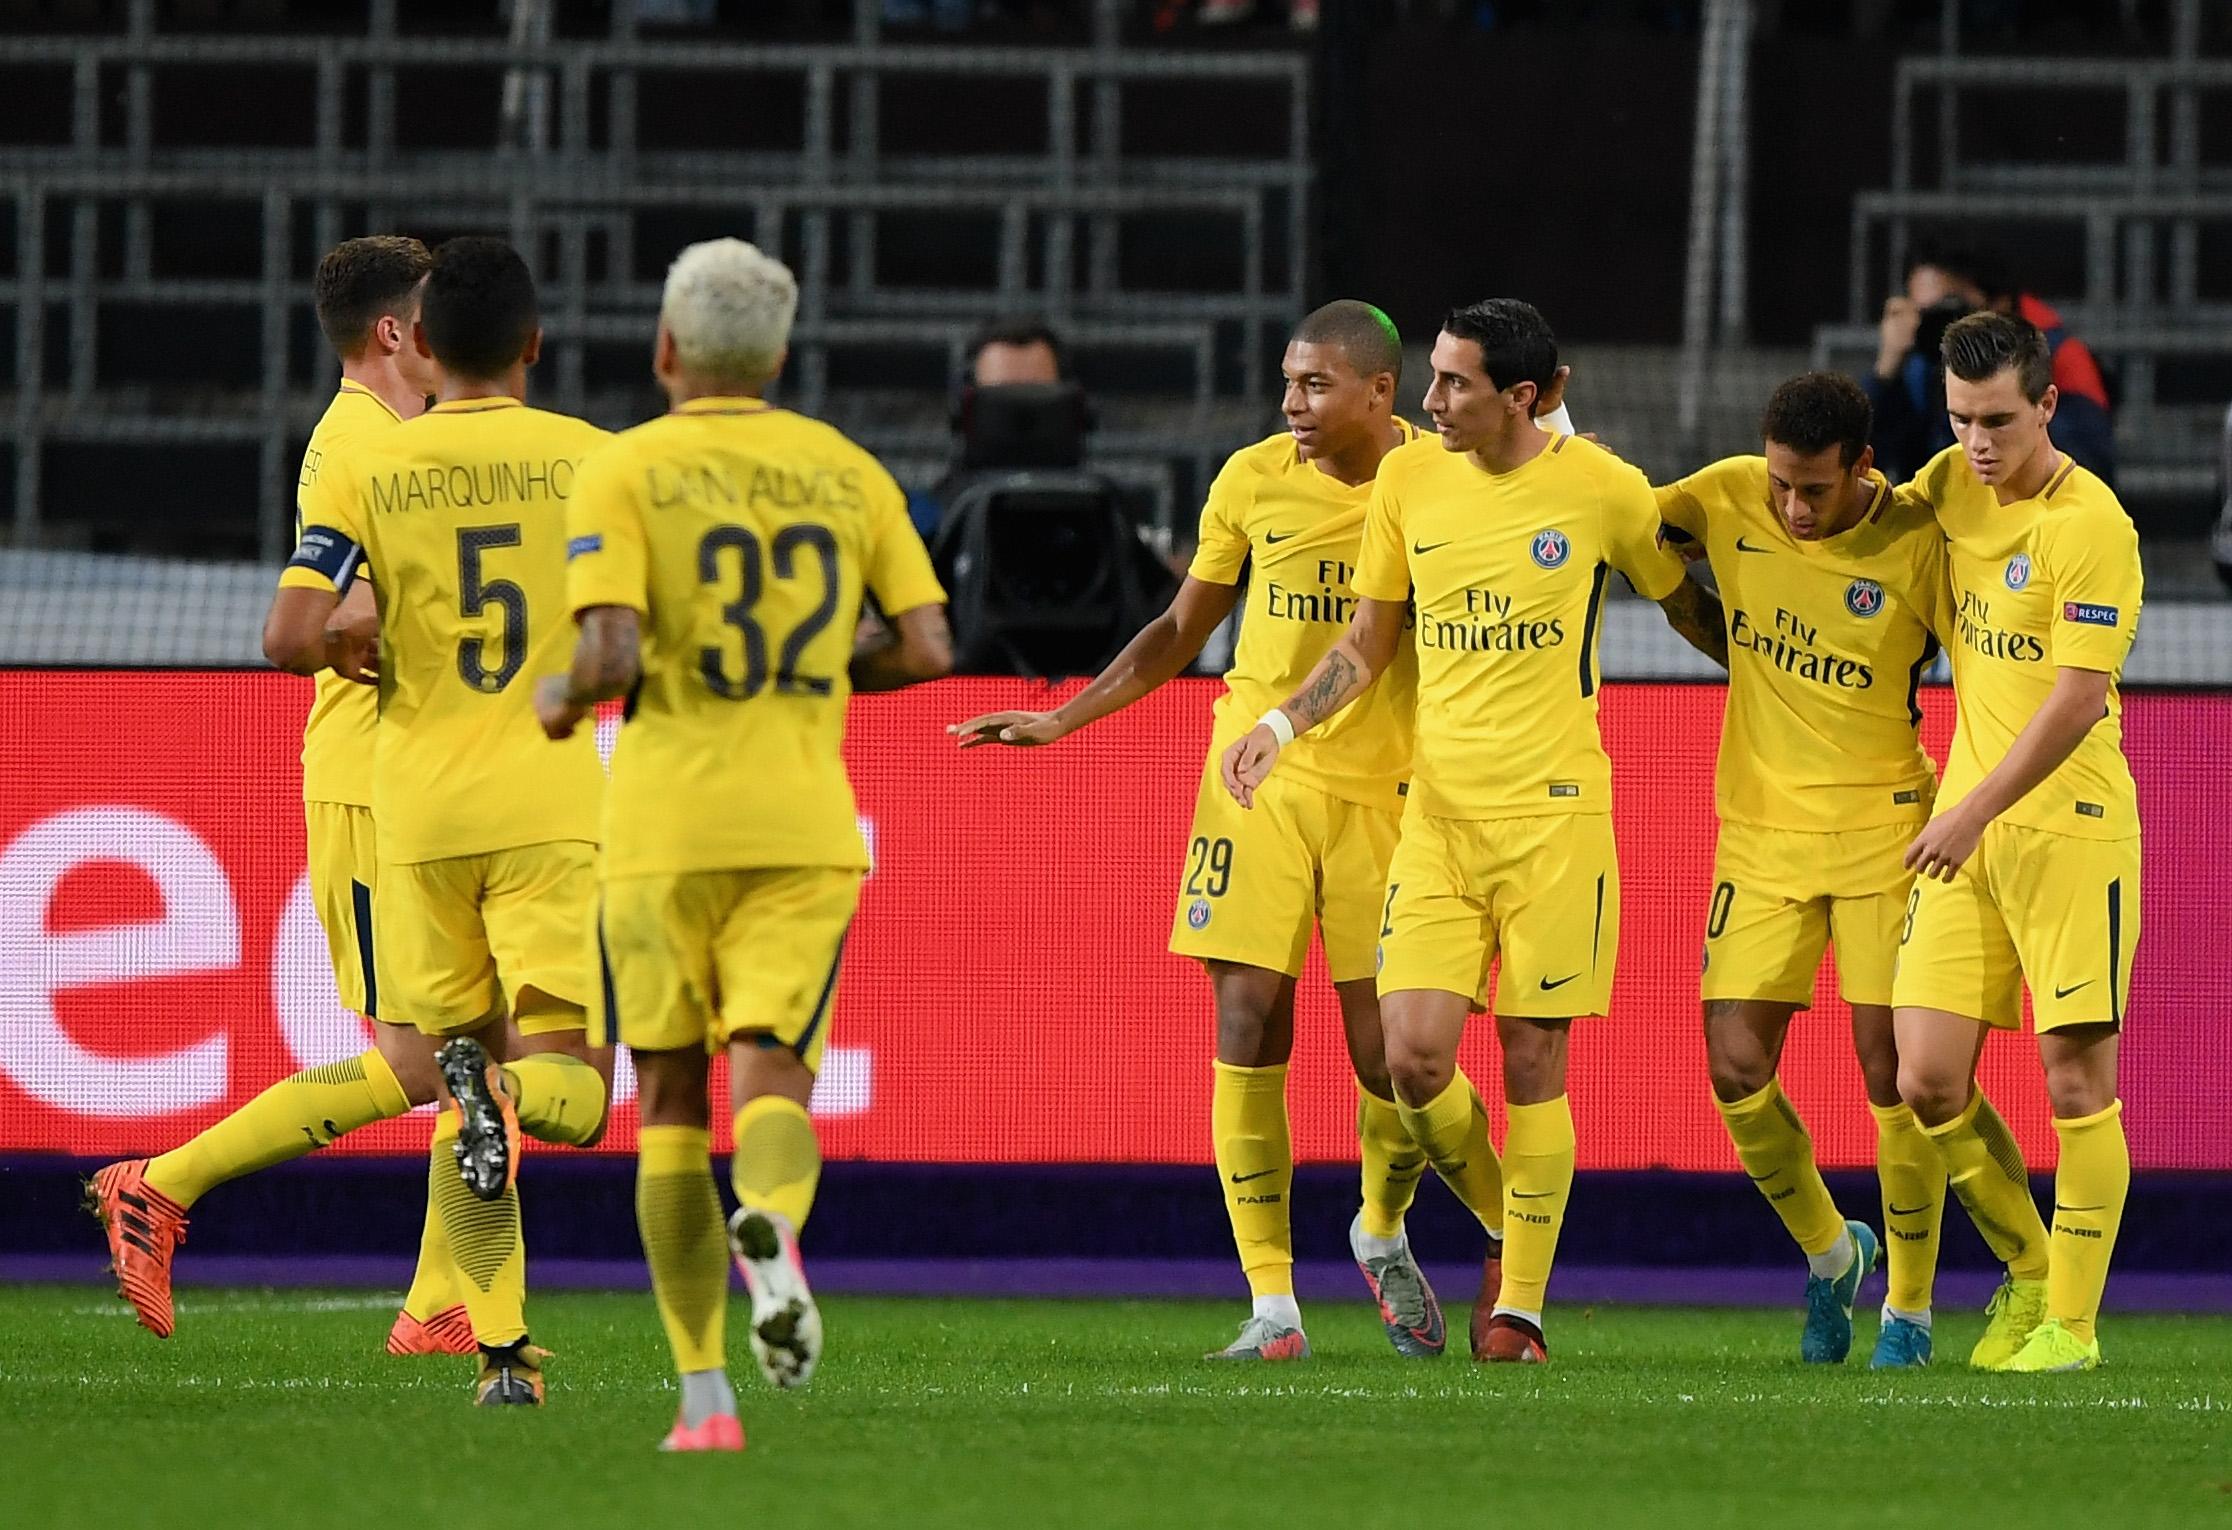 Кавани забил 2500-й гол ПСЖ ввысшем дивизионе чемпионата Франции